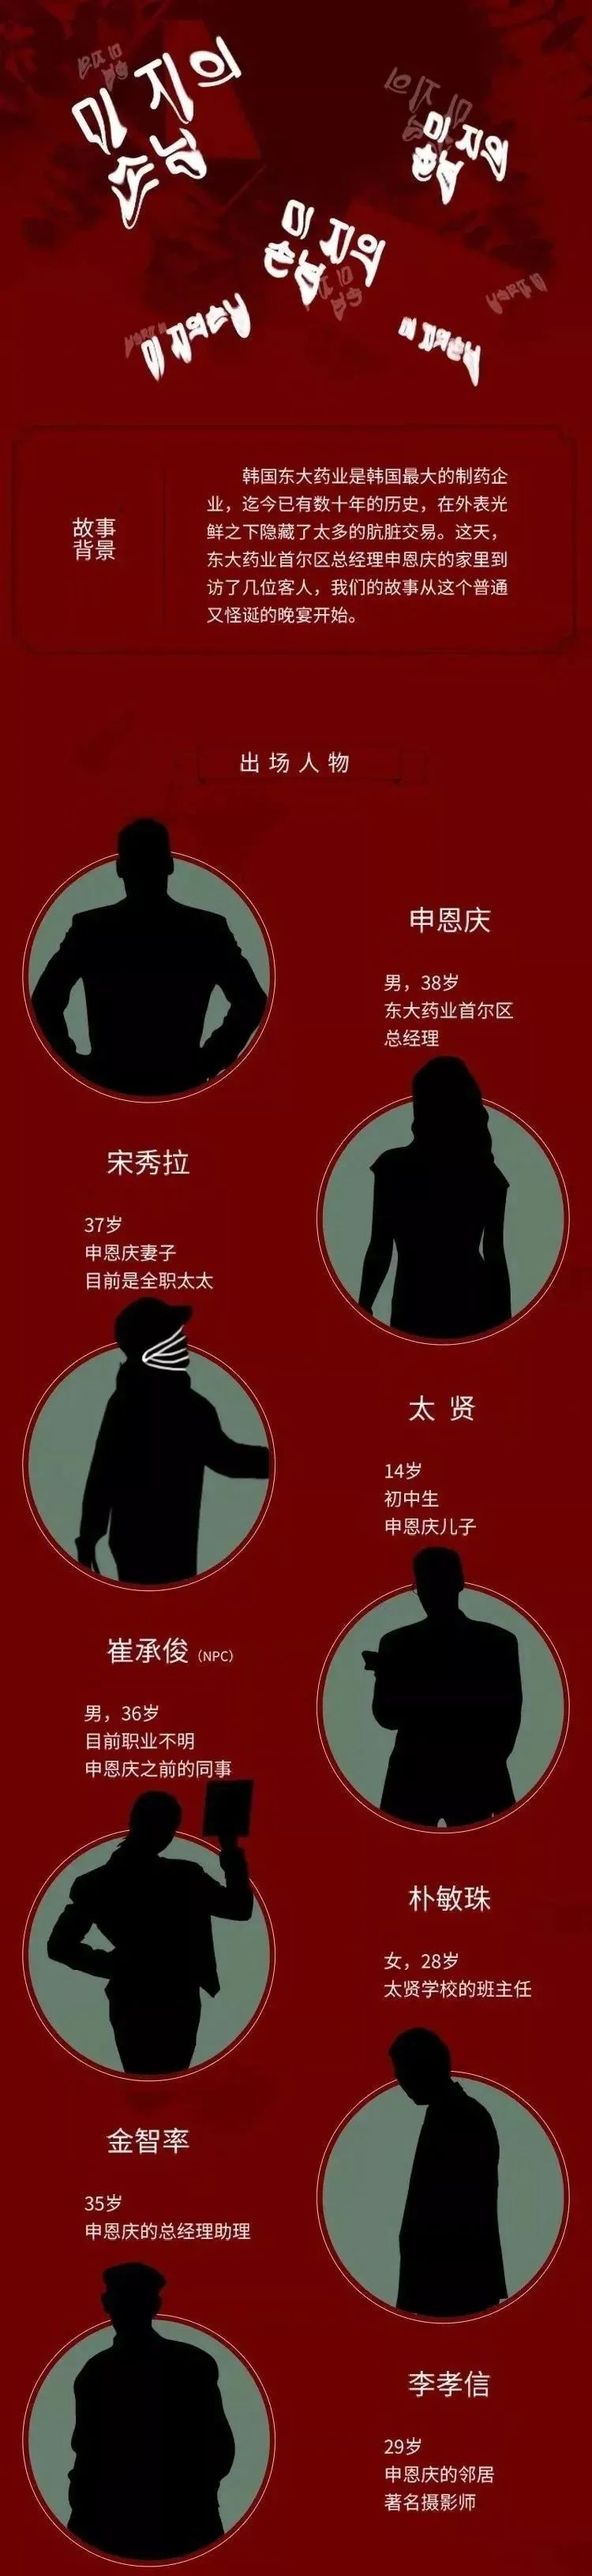 6人本《未知客人》剧本杀线索复盘真相剧透结局真凶手是谁?%-site_name